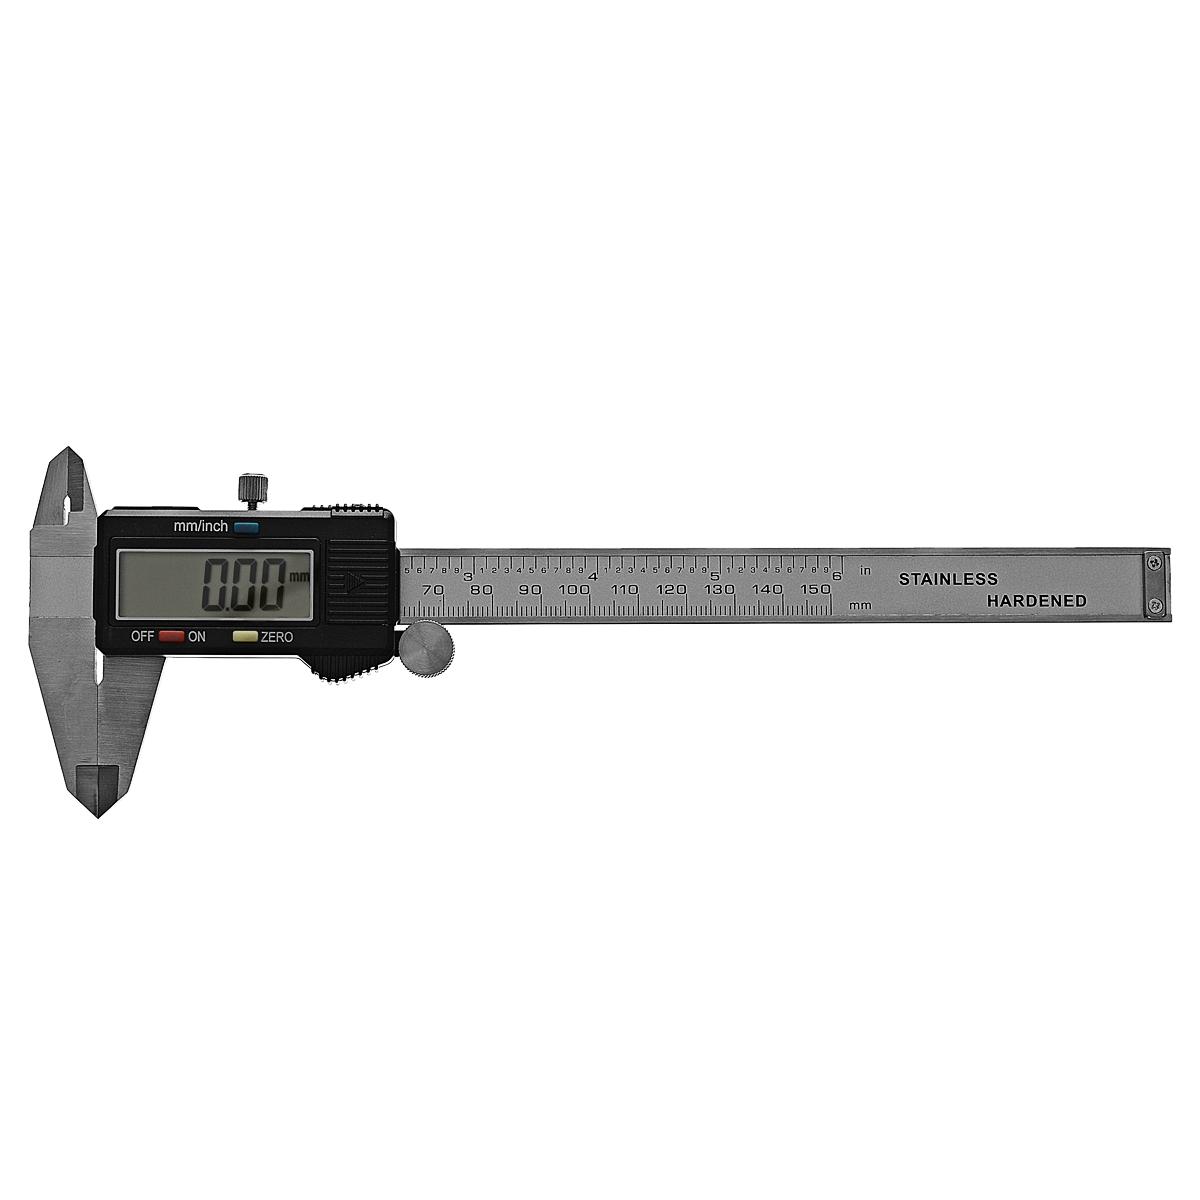 Штангенциркуль электронный Fit Digital Caliper, 15 см19856Штангенциркуль электронный Fit предназначен для измерений наружных и внутренних линейных размеров, а так же для измерения глубин. Применяется в машиностроении, приборостроении и других отраслях промышленности.